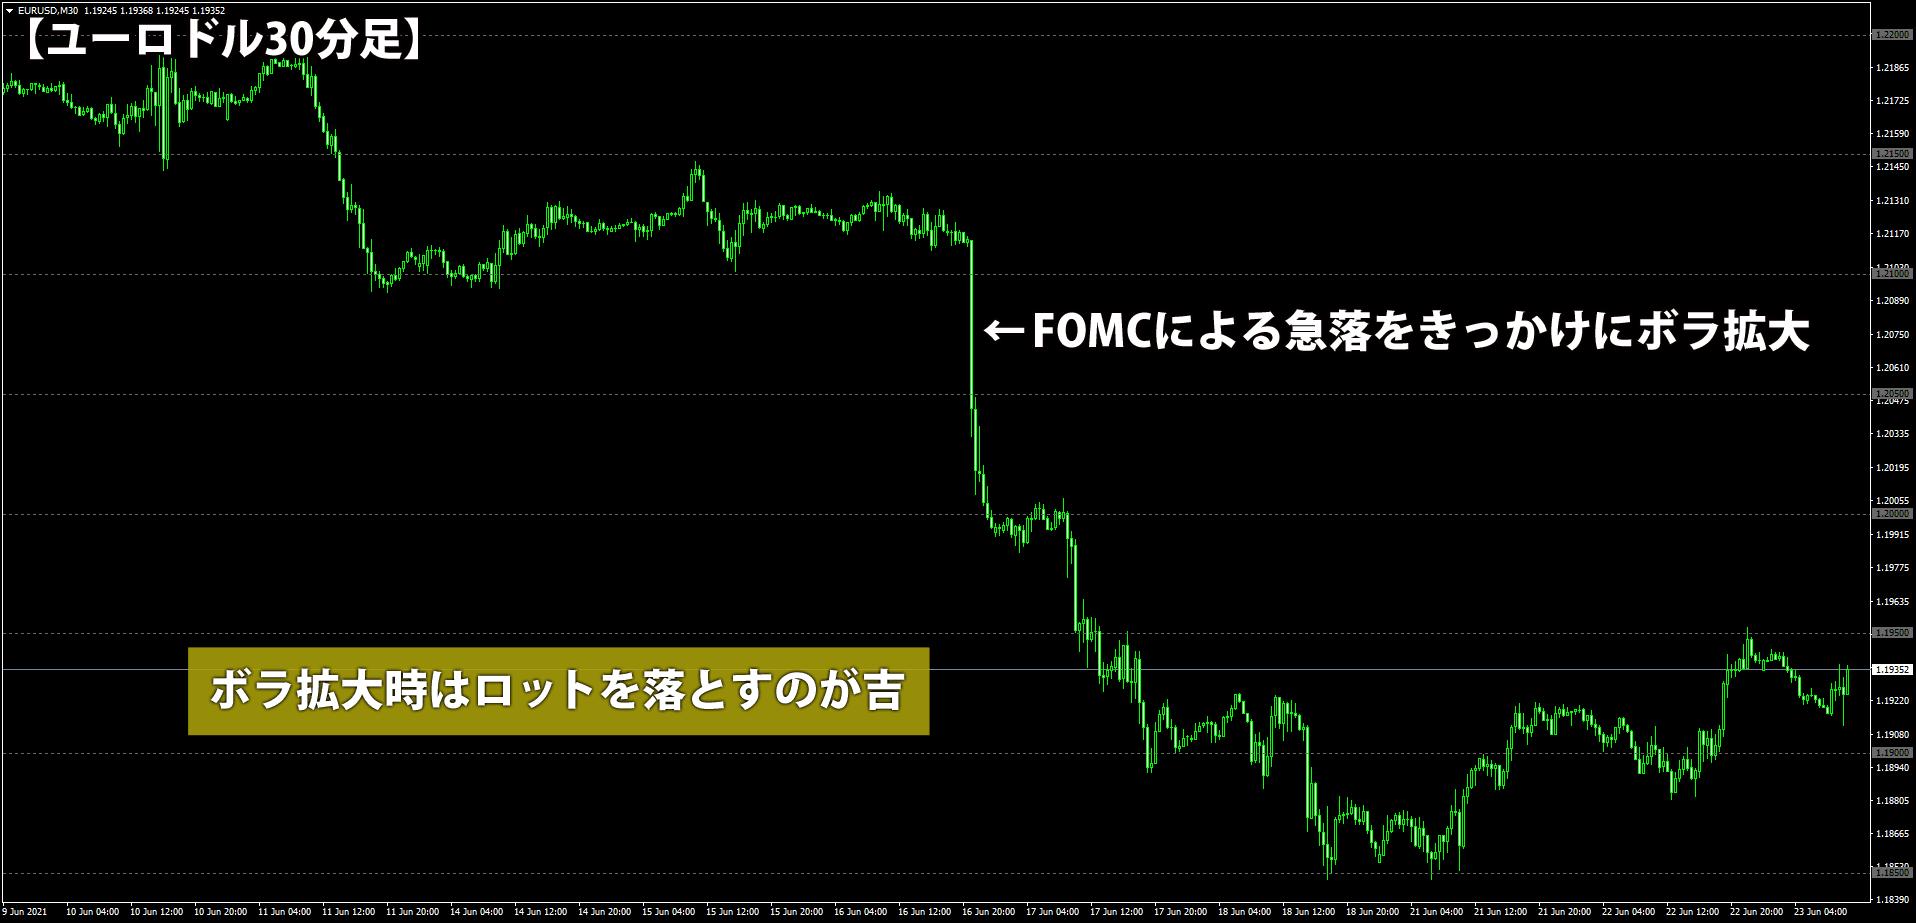 FOMCをきっかけにボラが拡大したユーロドル